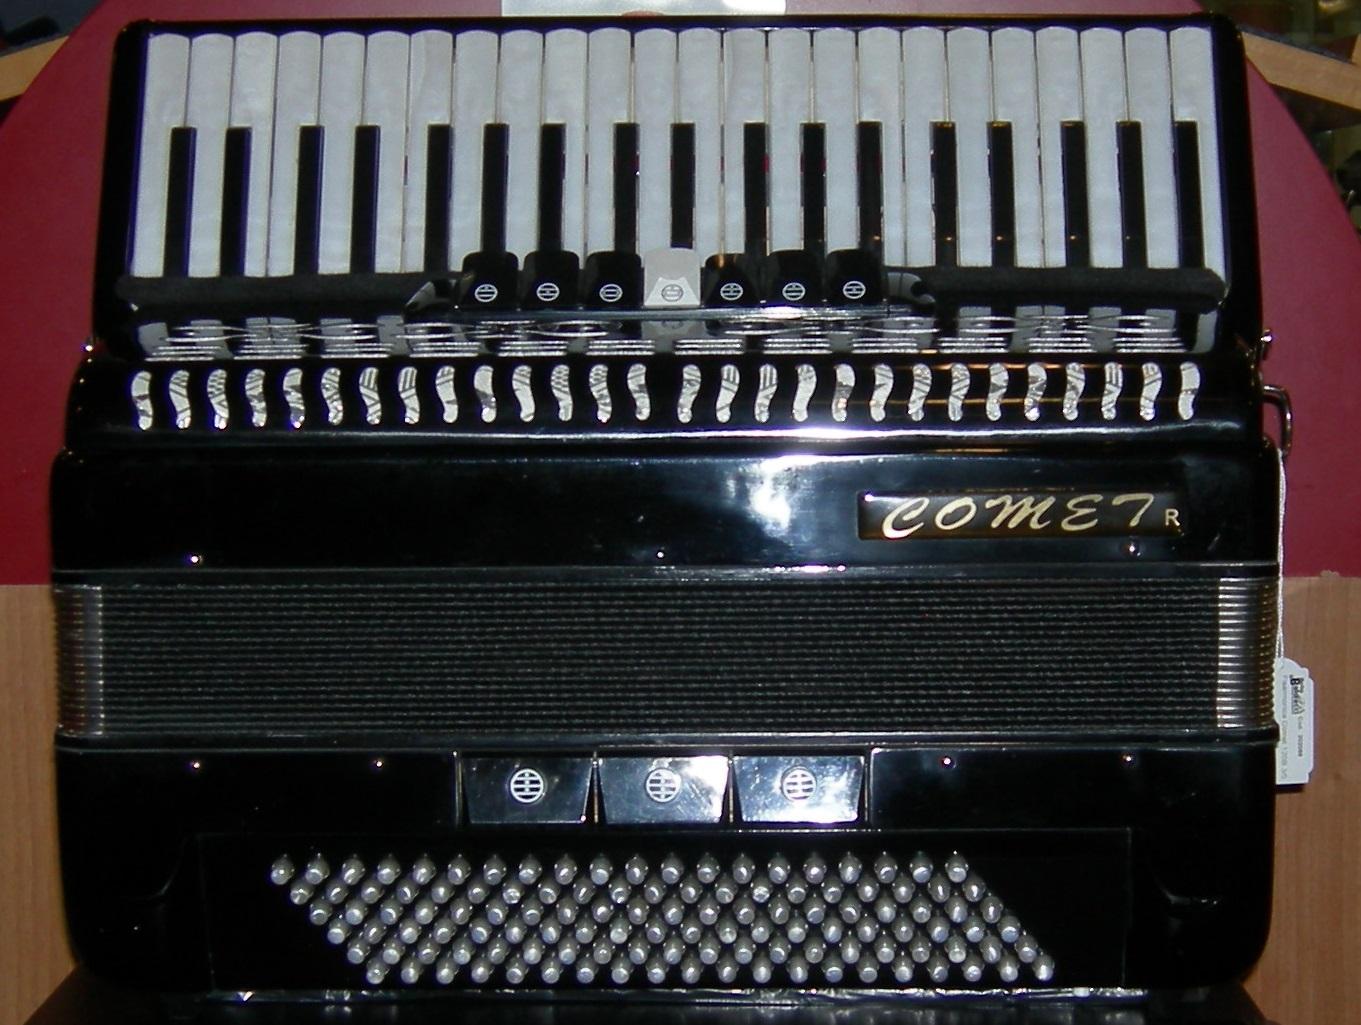 Fisarmonica 120 bassi comet strumenti musicali marino baldacci